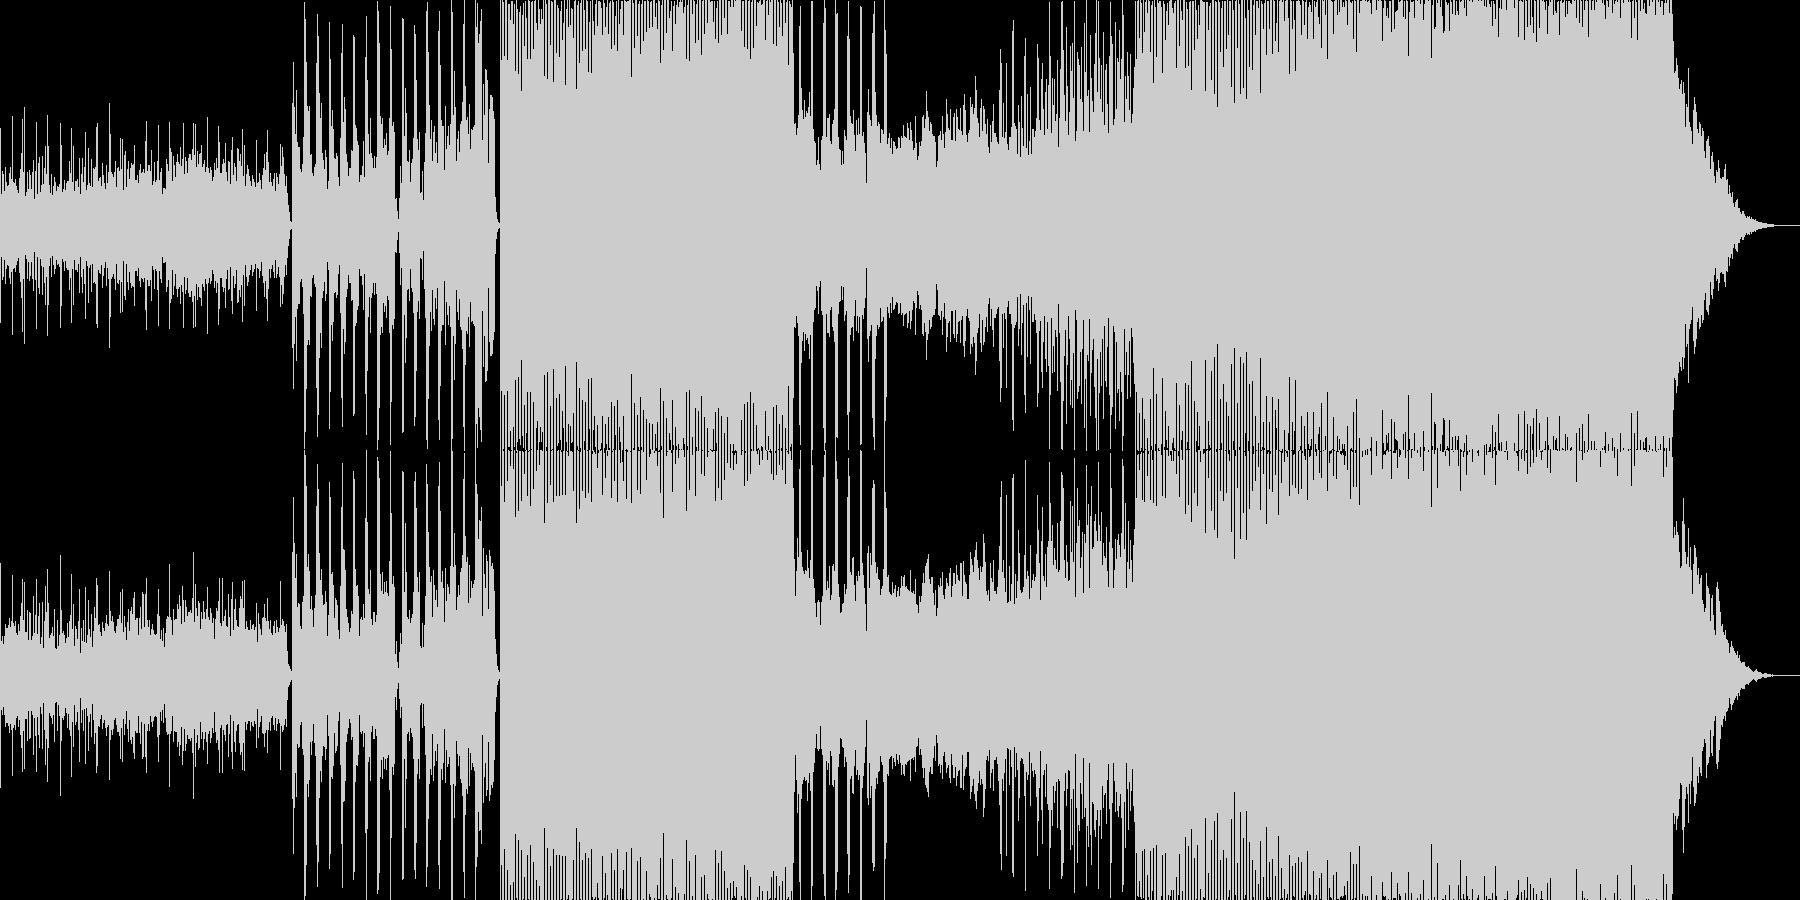 幻想的で疾走感のあるエレクトロポップの未再生の波形